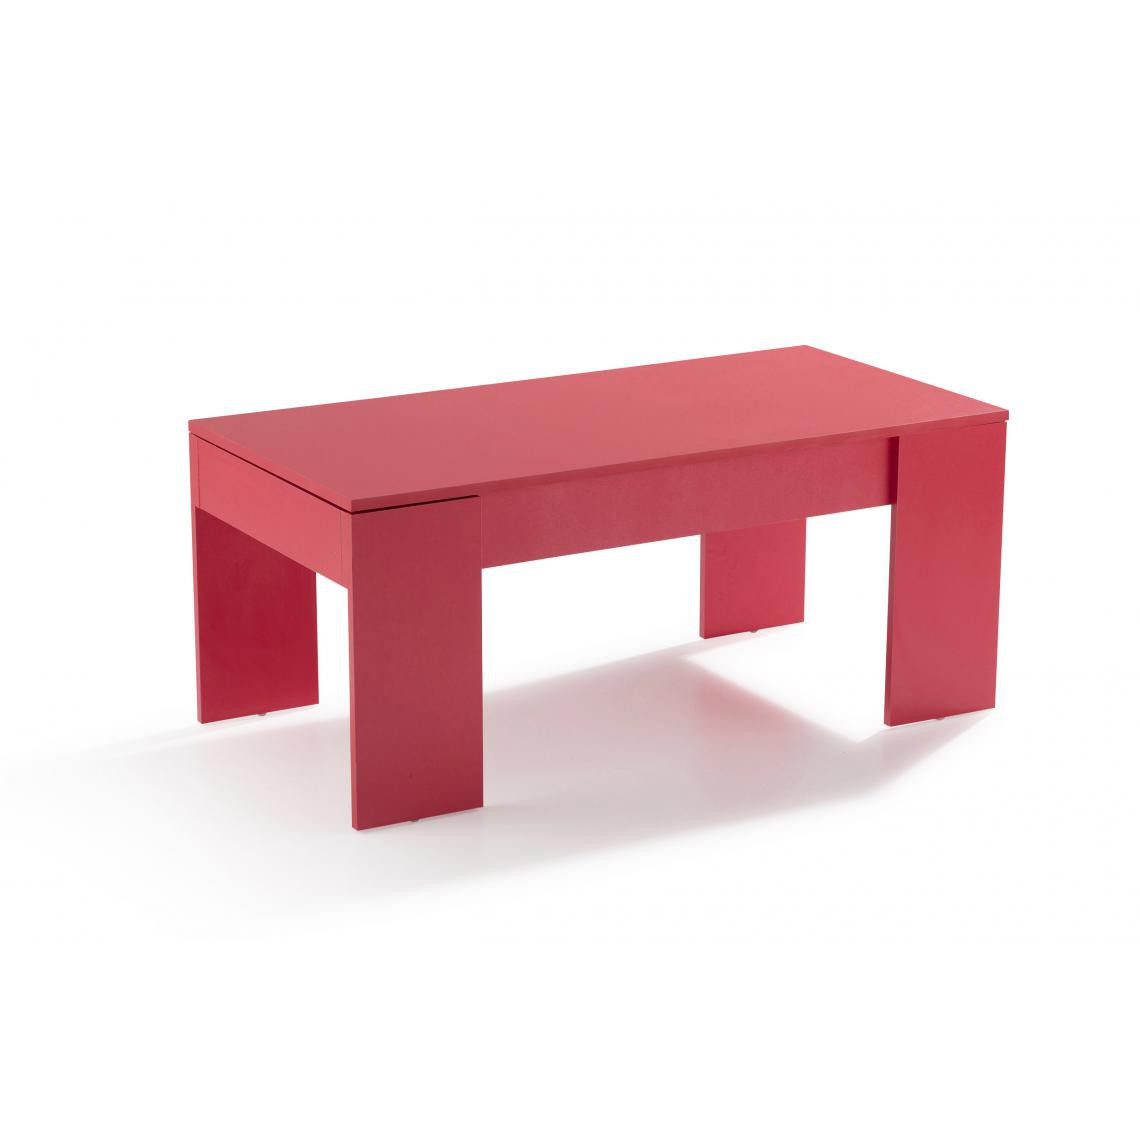 Table basse avec plateau relevable Rouge MEKAL  5 SUISSES